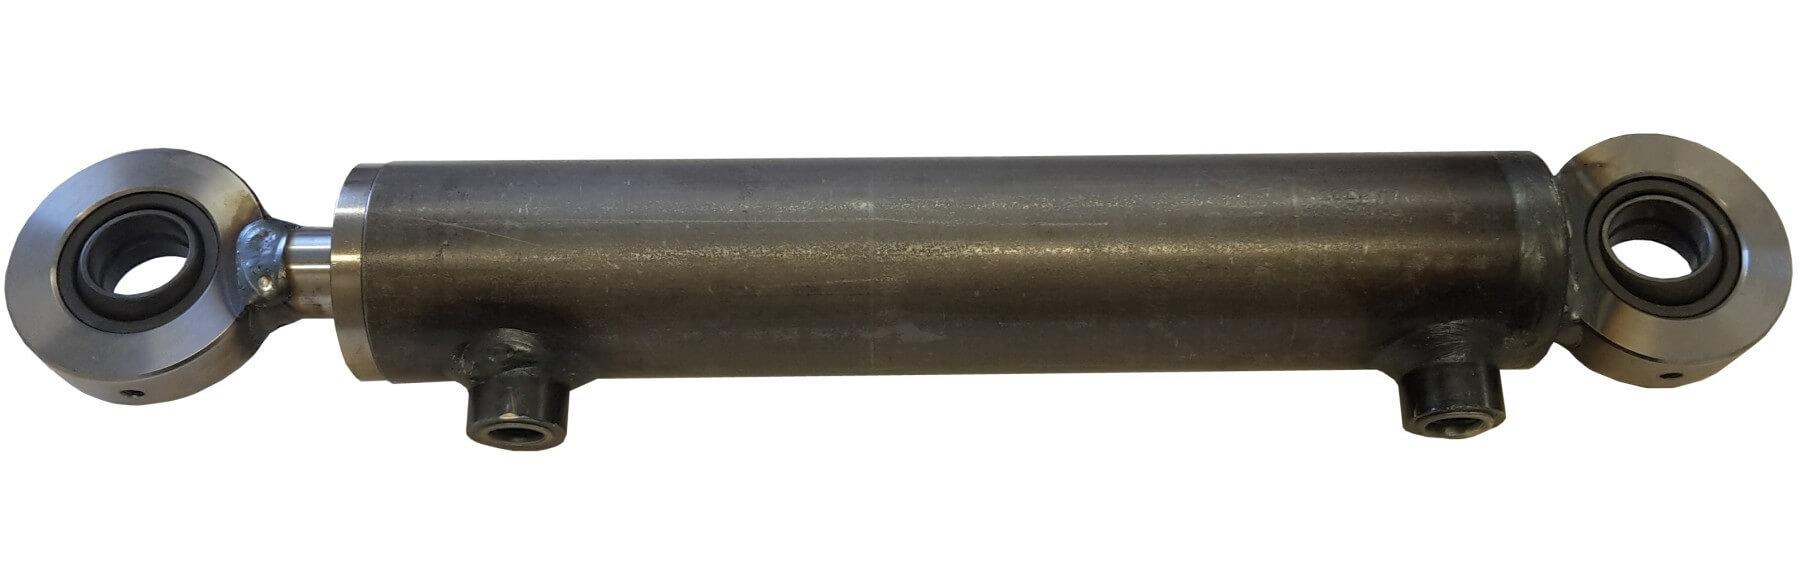 Hydraulisylinteri CL 50. 30. 450 GE - Kailatec Oy Verkkokauppa